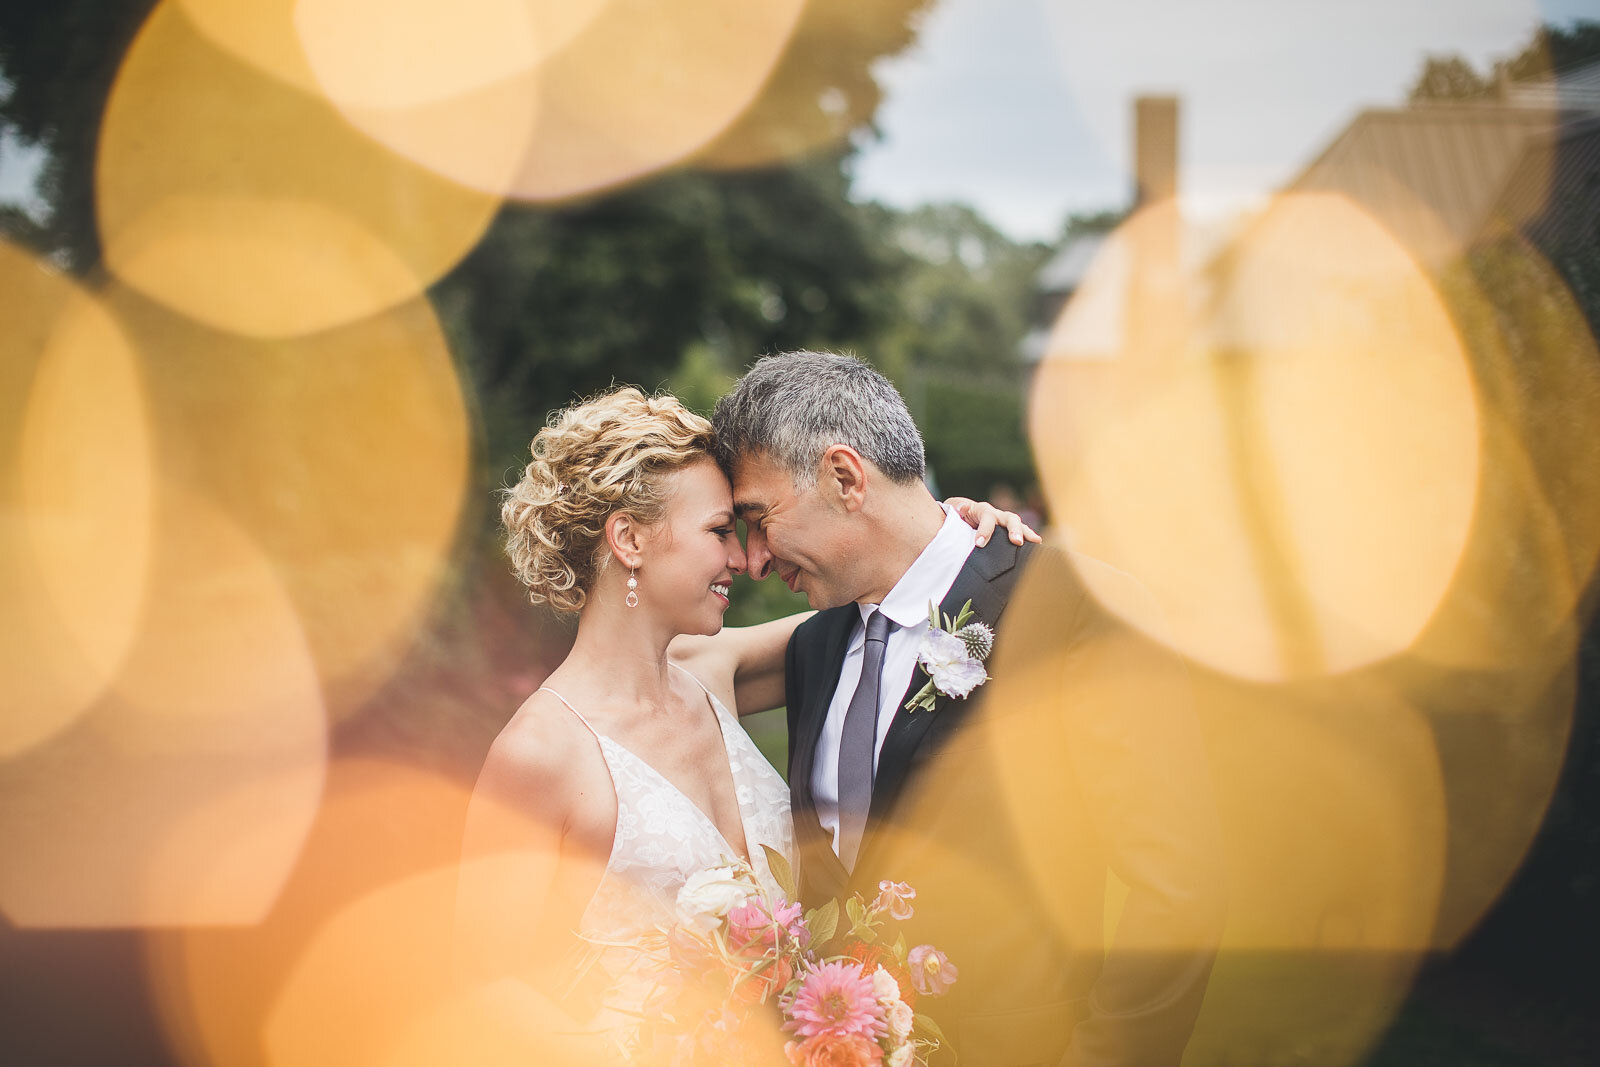 Creative Wedding Photography Ninety Acres